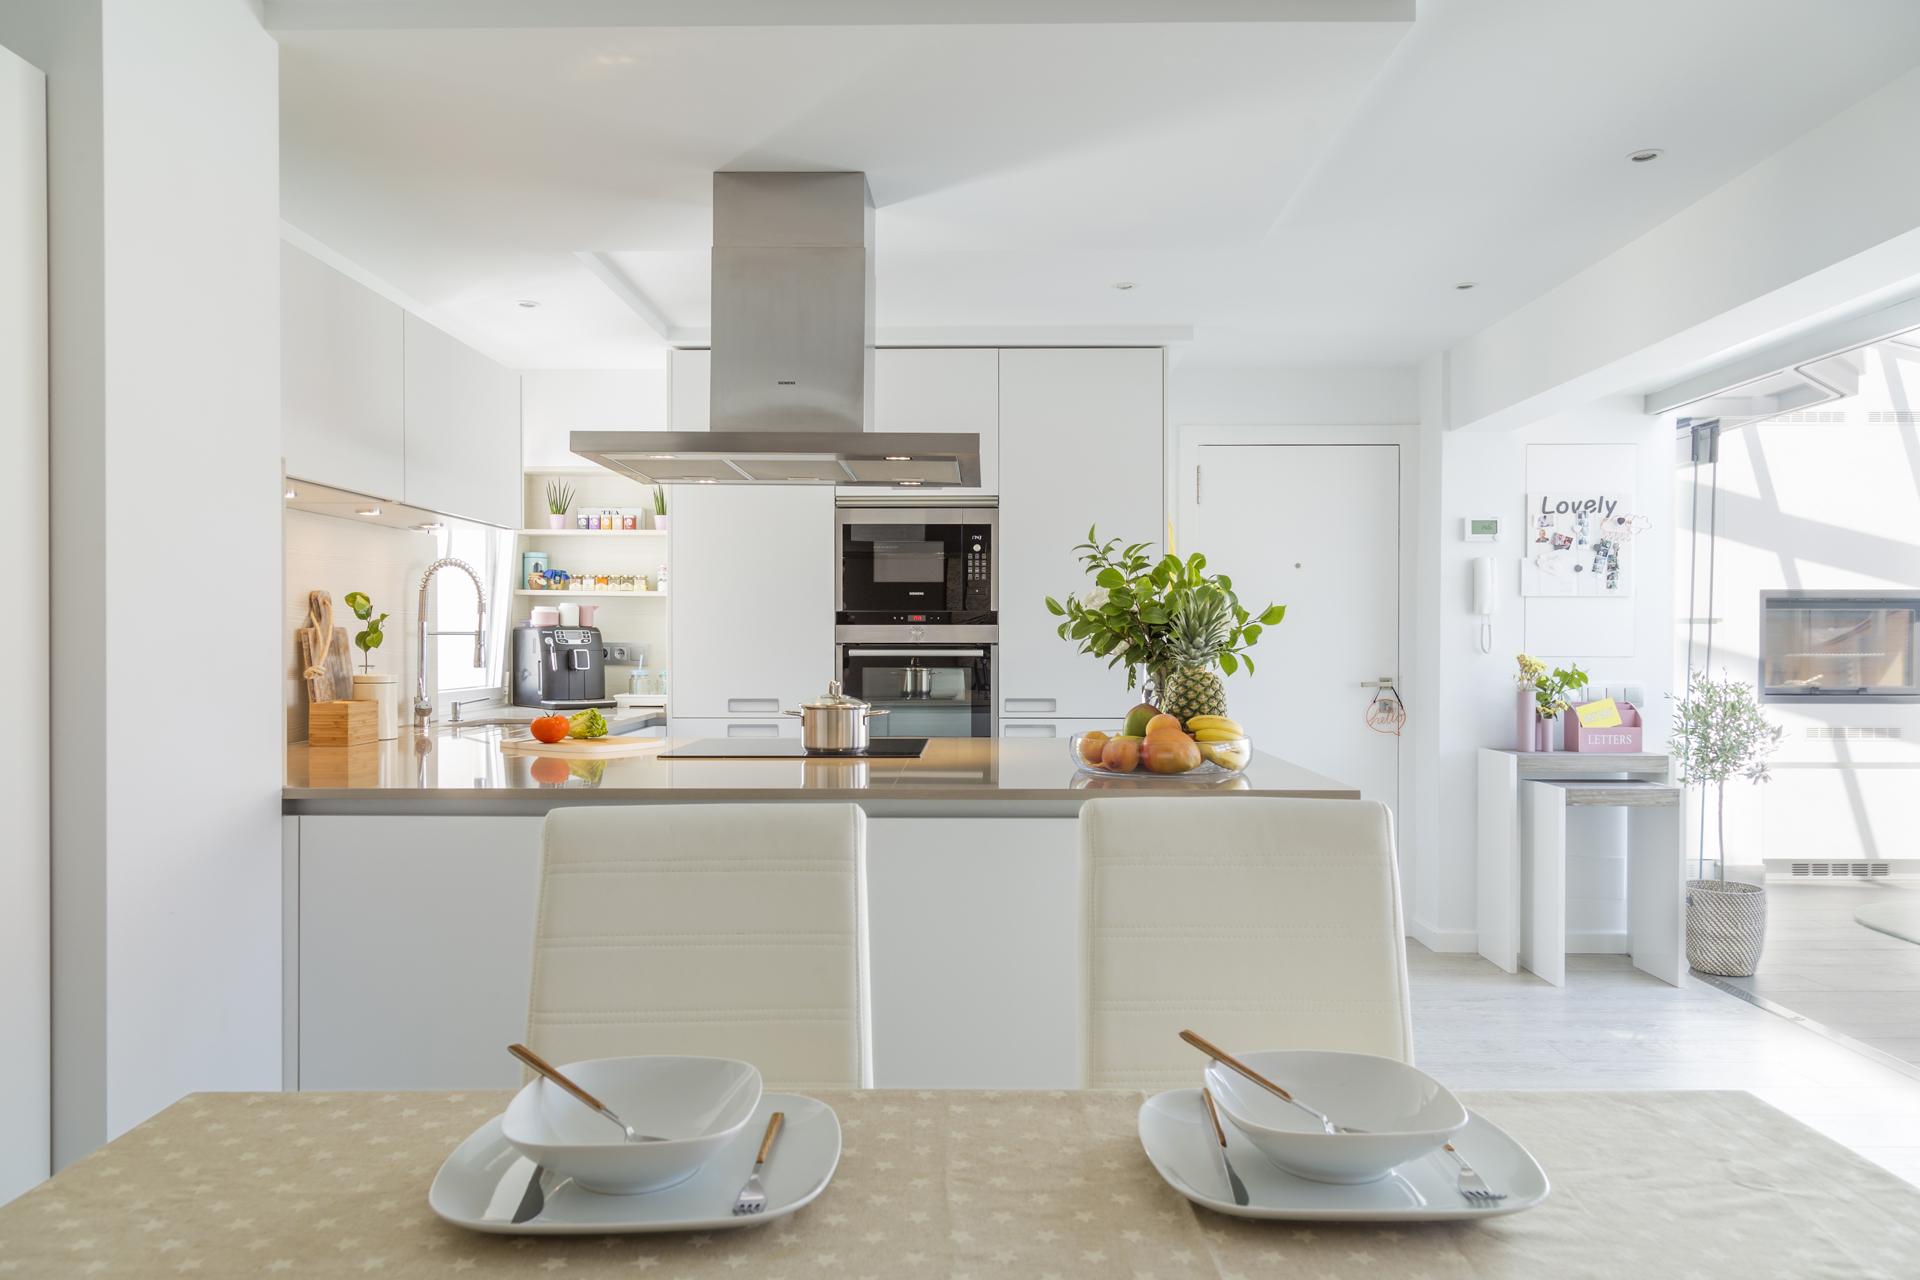 Cocina abierta al sal n con terraza cocina de la semana for Diseno de cocinas integradas al comedor